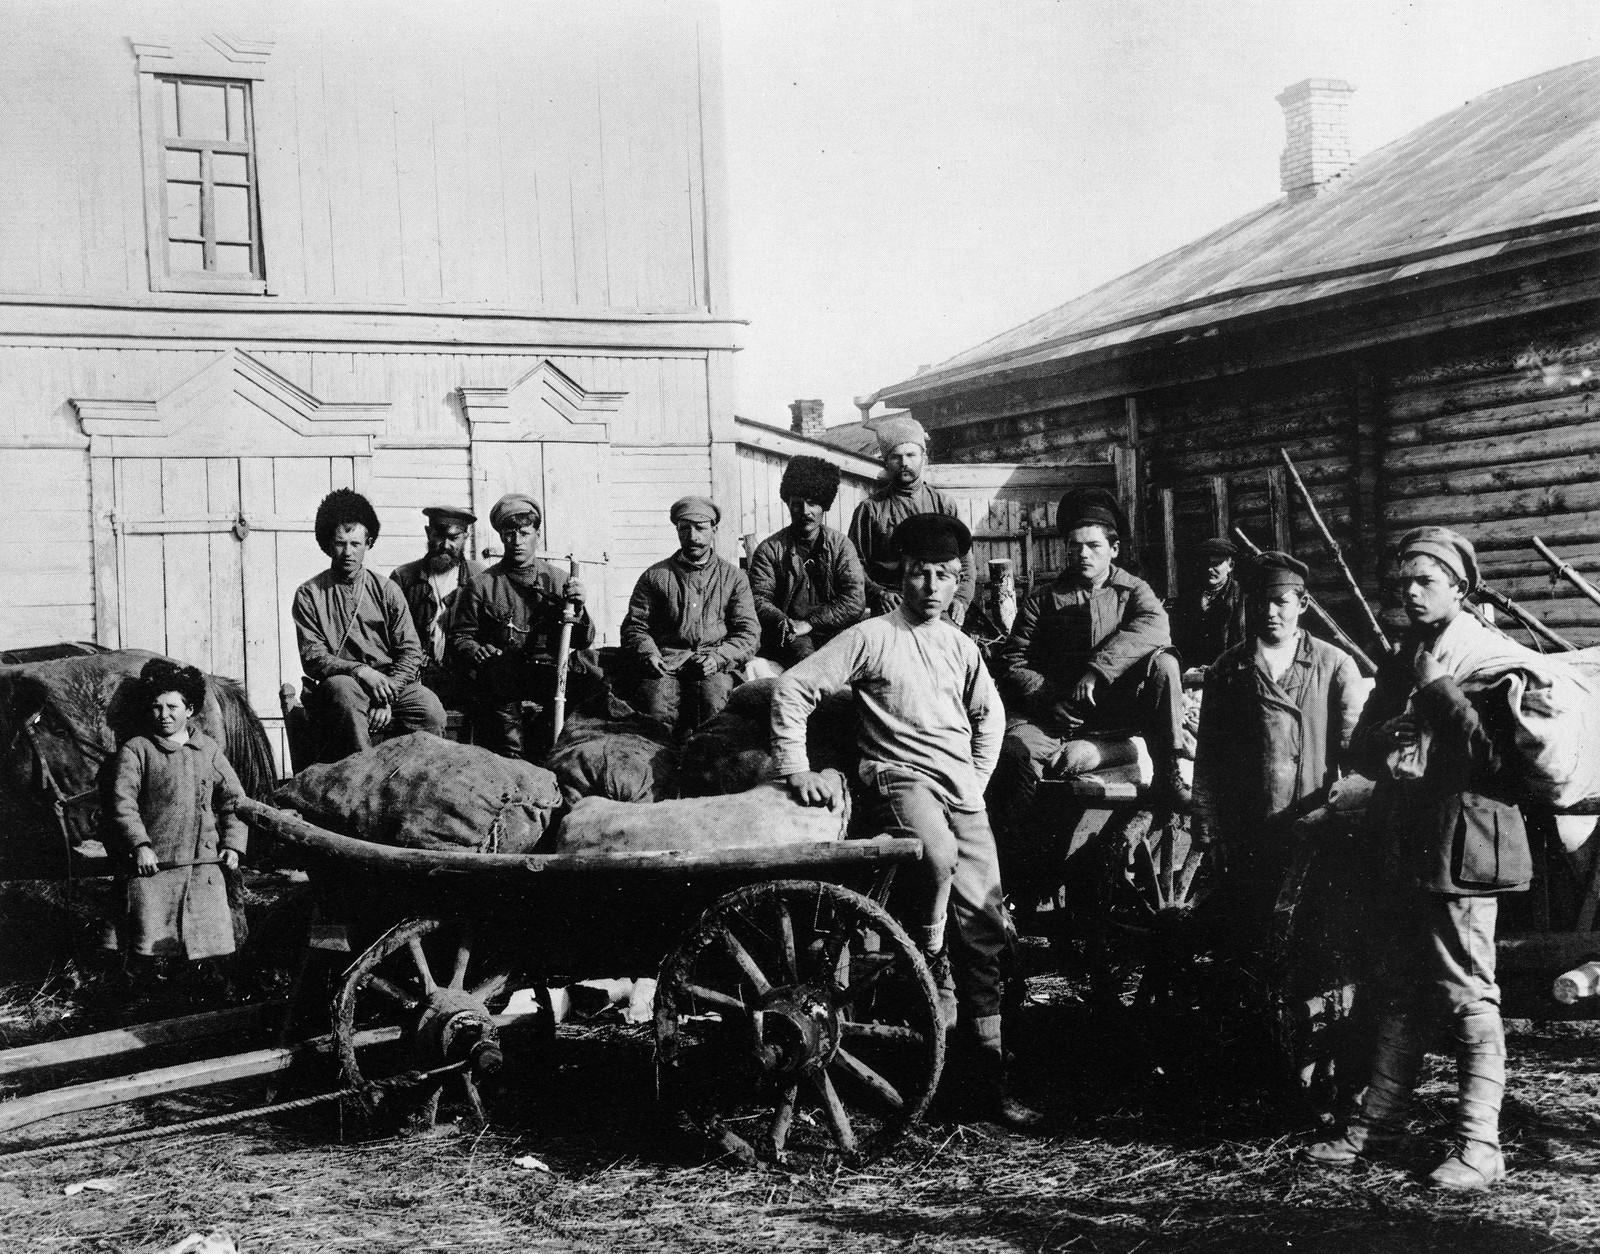 1920. Продовольствие доставленное самарскими продотрядами для 1-го Советского батальона